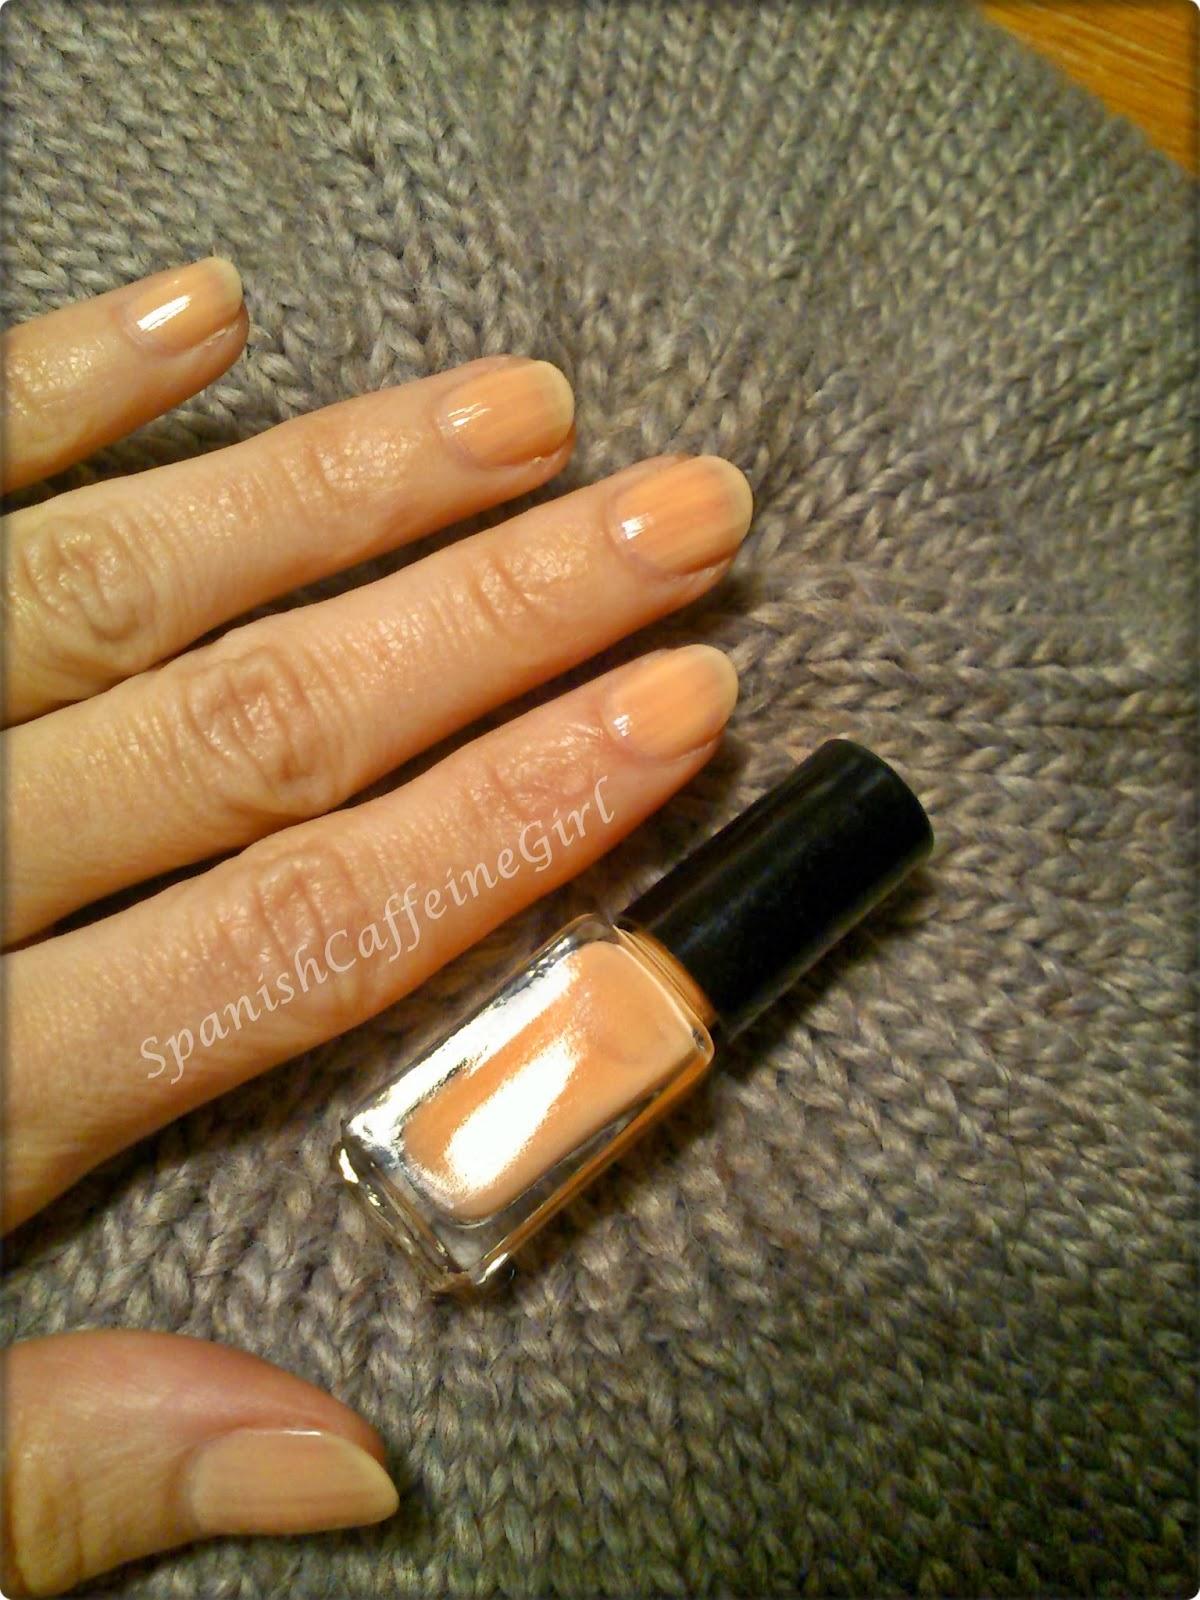 uñas con una capa de esmalte naranja muy claro